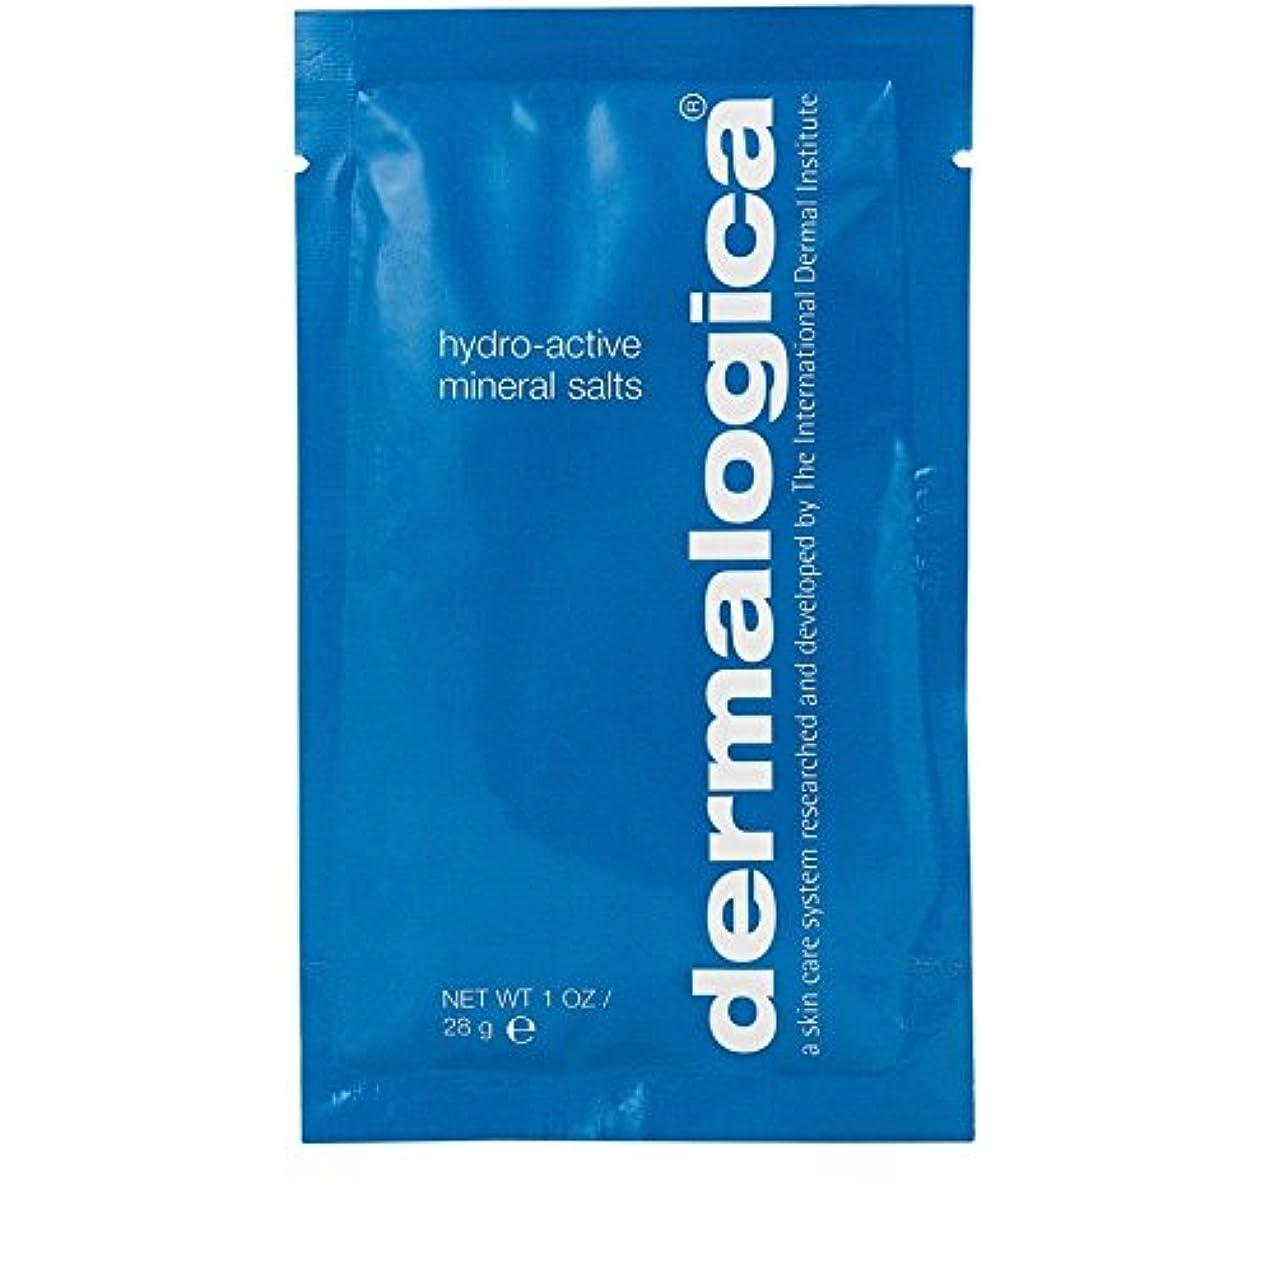 純正湿度地下鉄ダーマロジカ水力アクティブミネラル塩28グラム x2 - Dermalogica Hydro Active Mineral Salt 28g (Pack of 2) [並行輸入品]